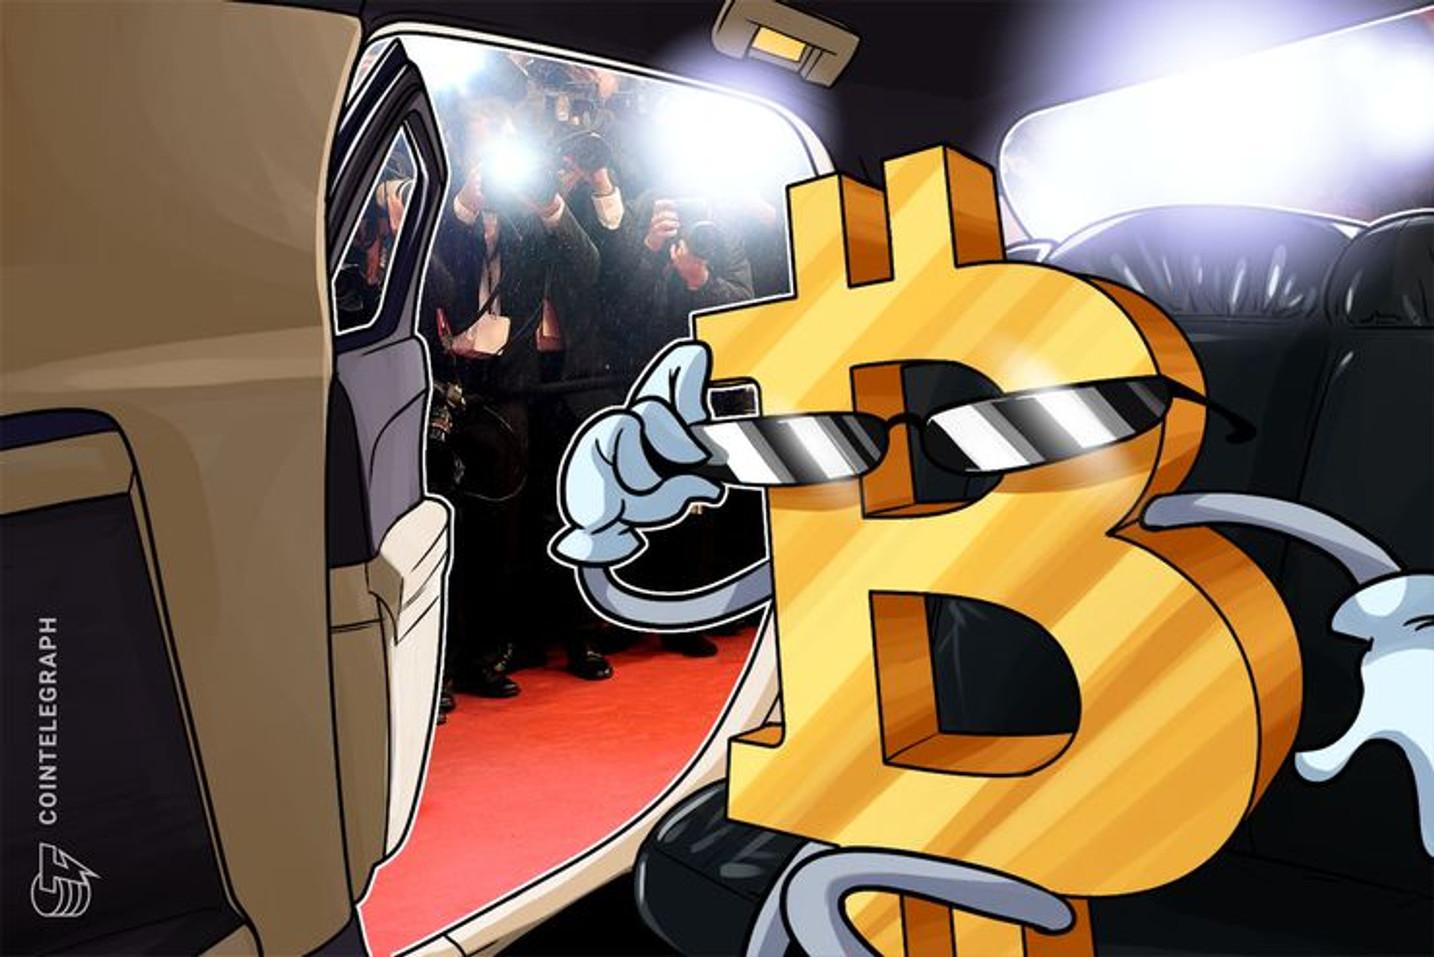 Diretor de Hedge Fund e autor de best-sellers James Altucher diz que Bitcoin a US$ 1.000.000 pode não ocorrer em 2020